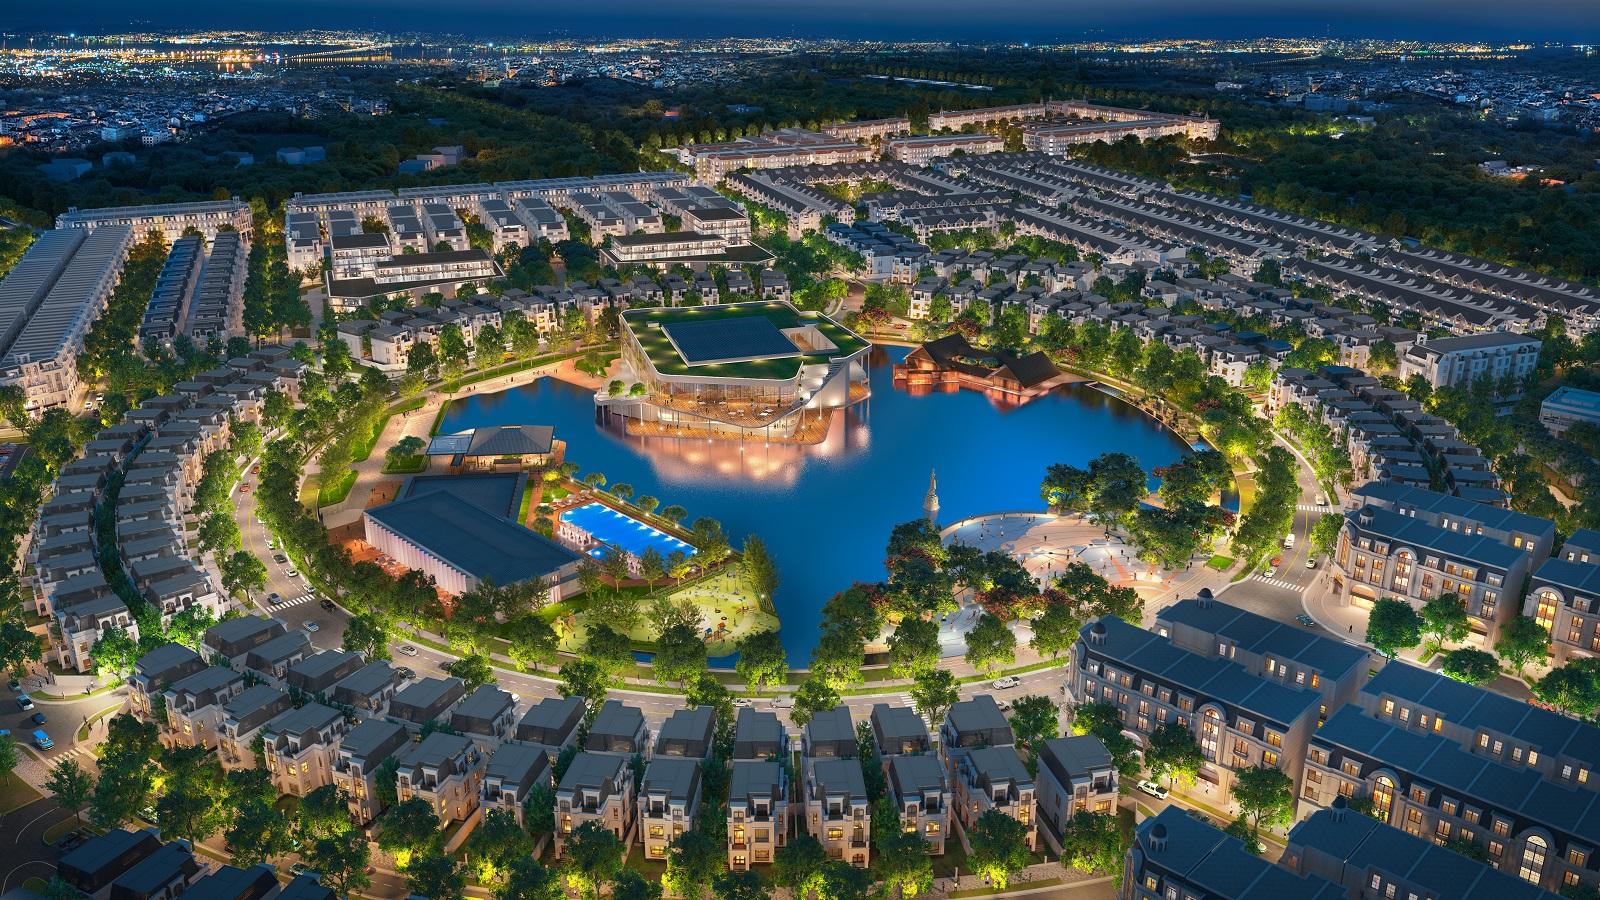 công viên hồ cảnh quan dự án hinode royal park